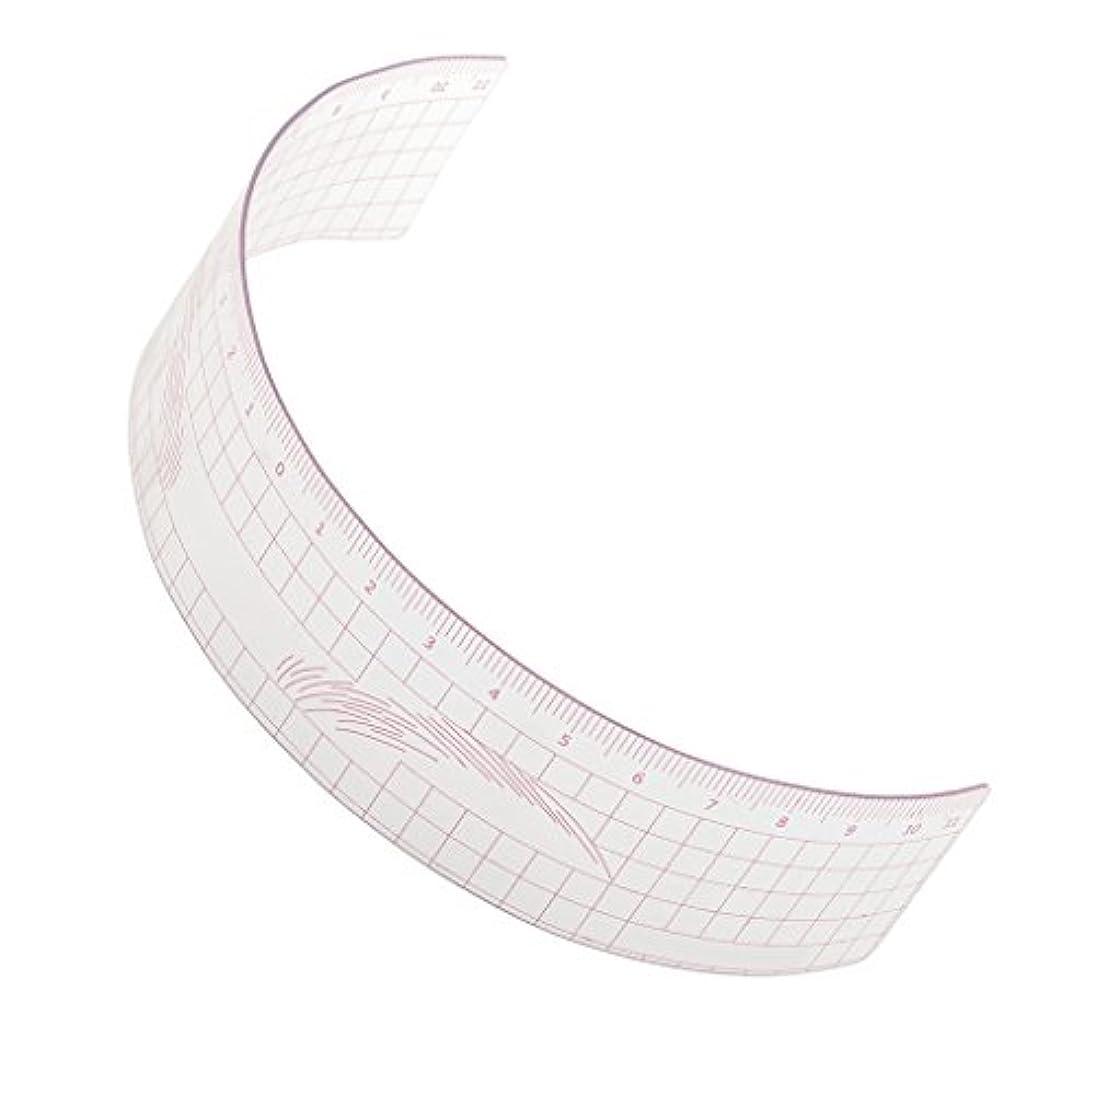 予測子俳句速いPerfk 再利用可能 メイク 眉毛ステンシル マイクロブレード 測定用 ルーラー ツール 全3色 - ピンク